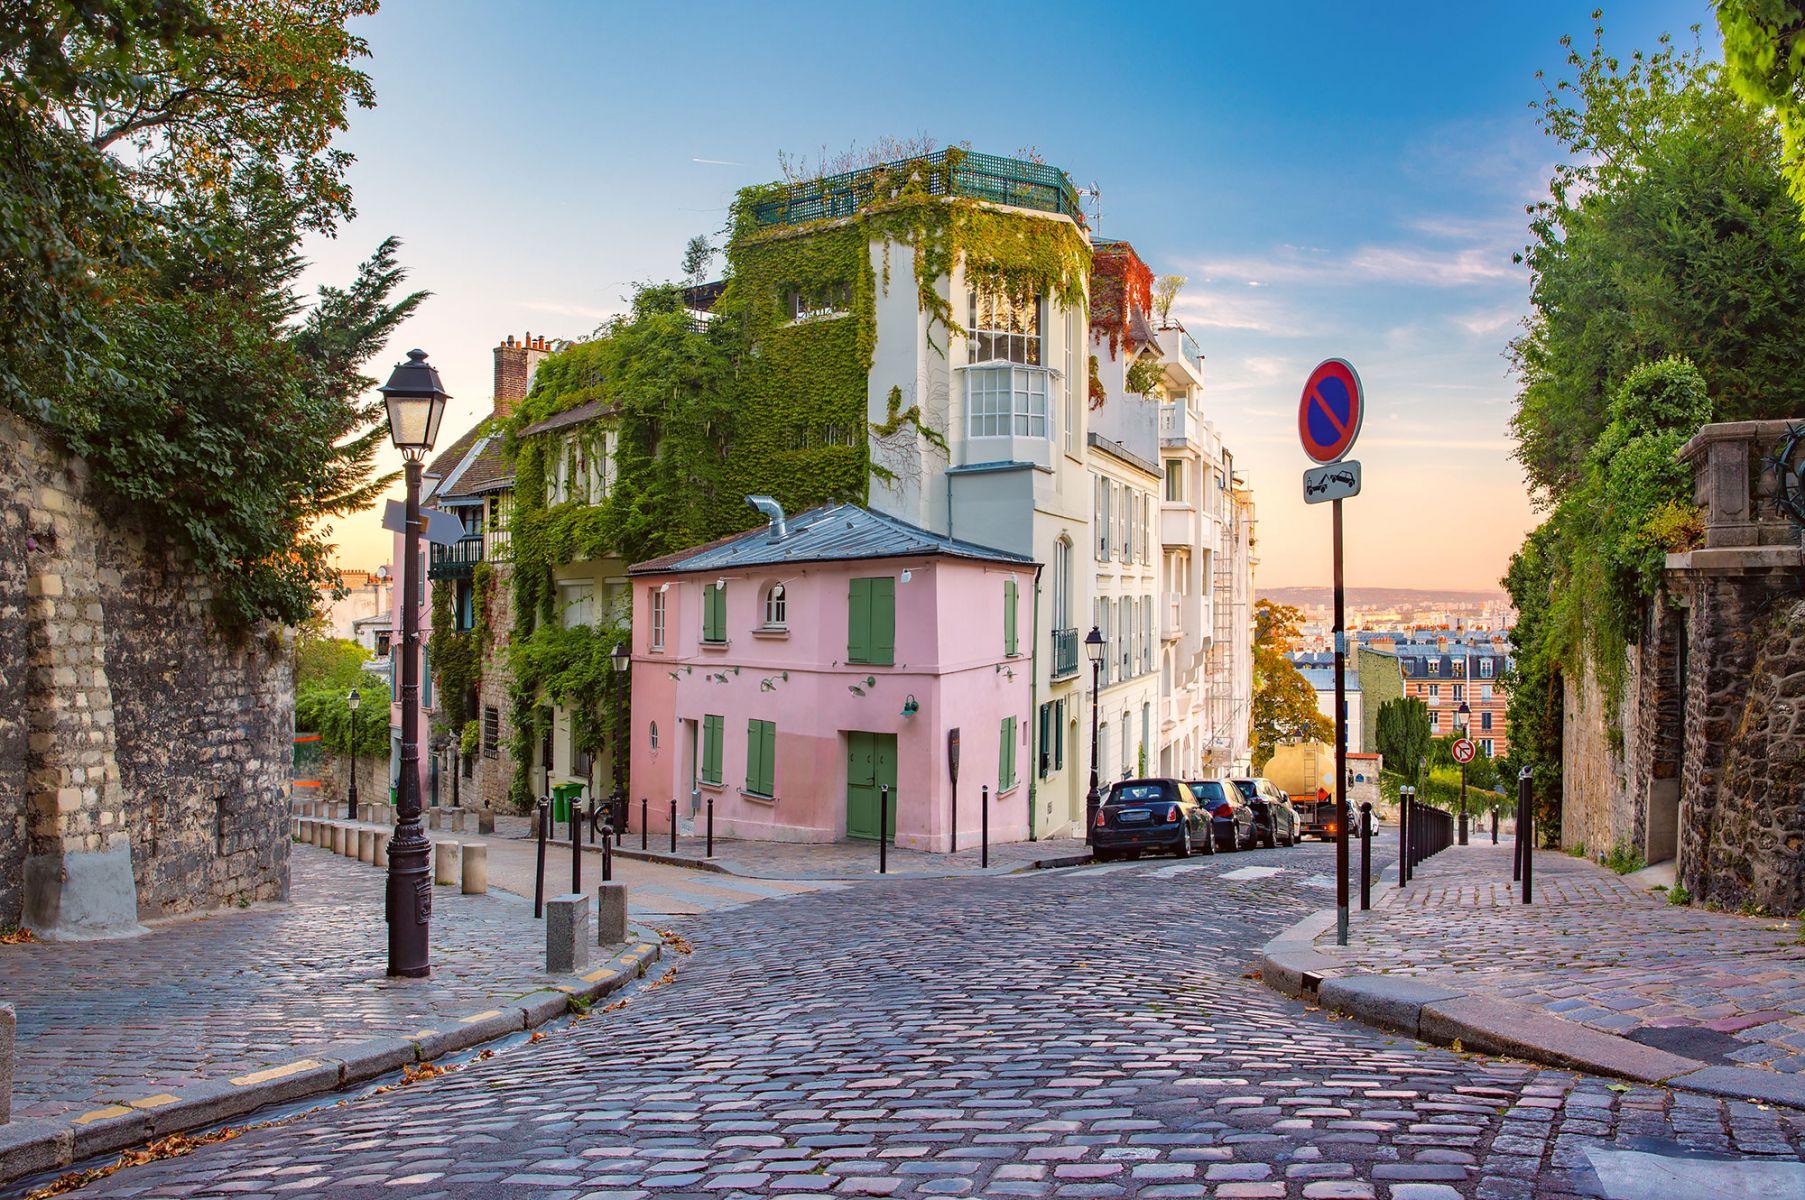 De wijk Montmartre